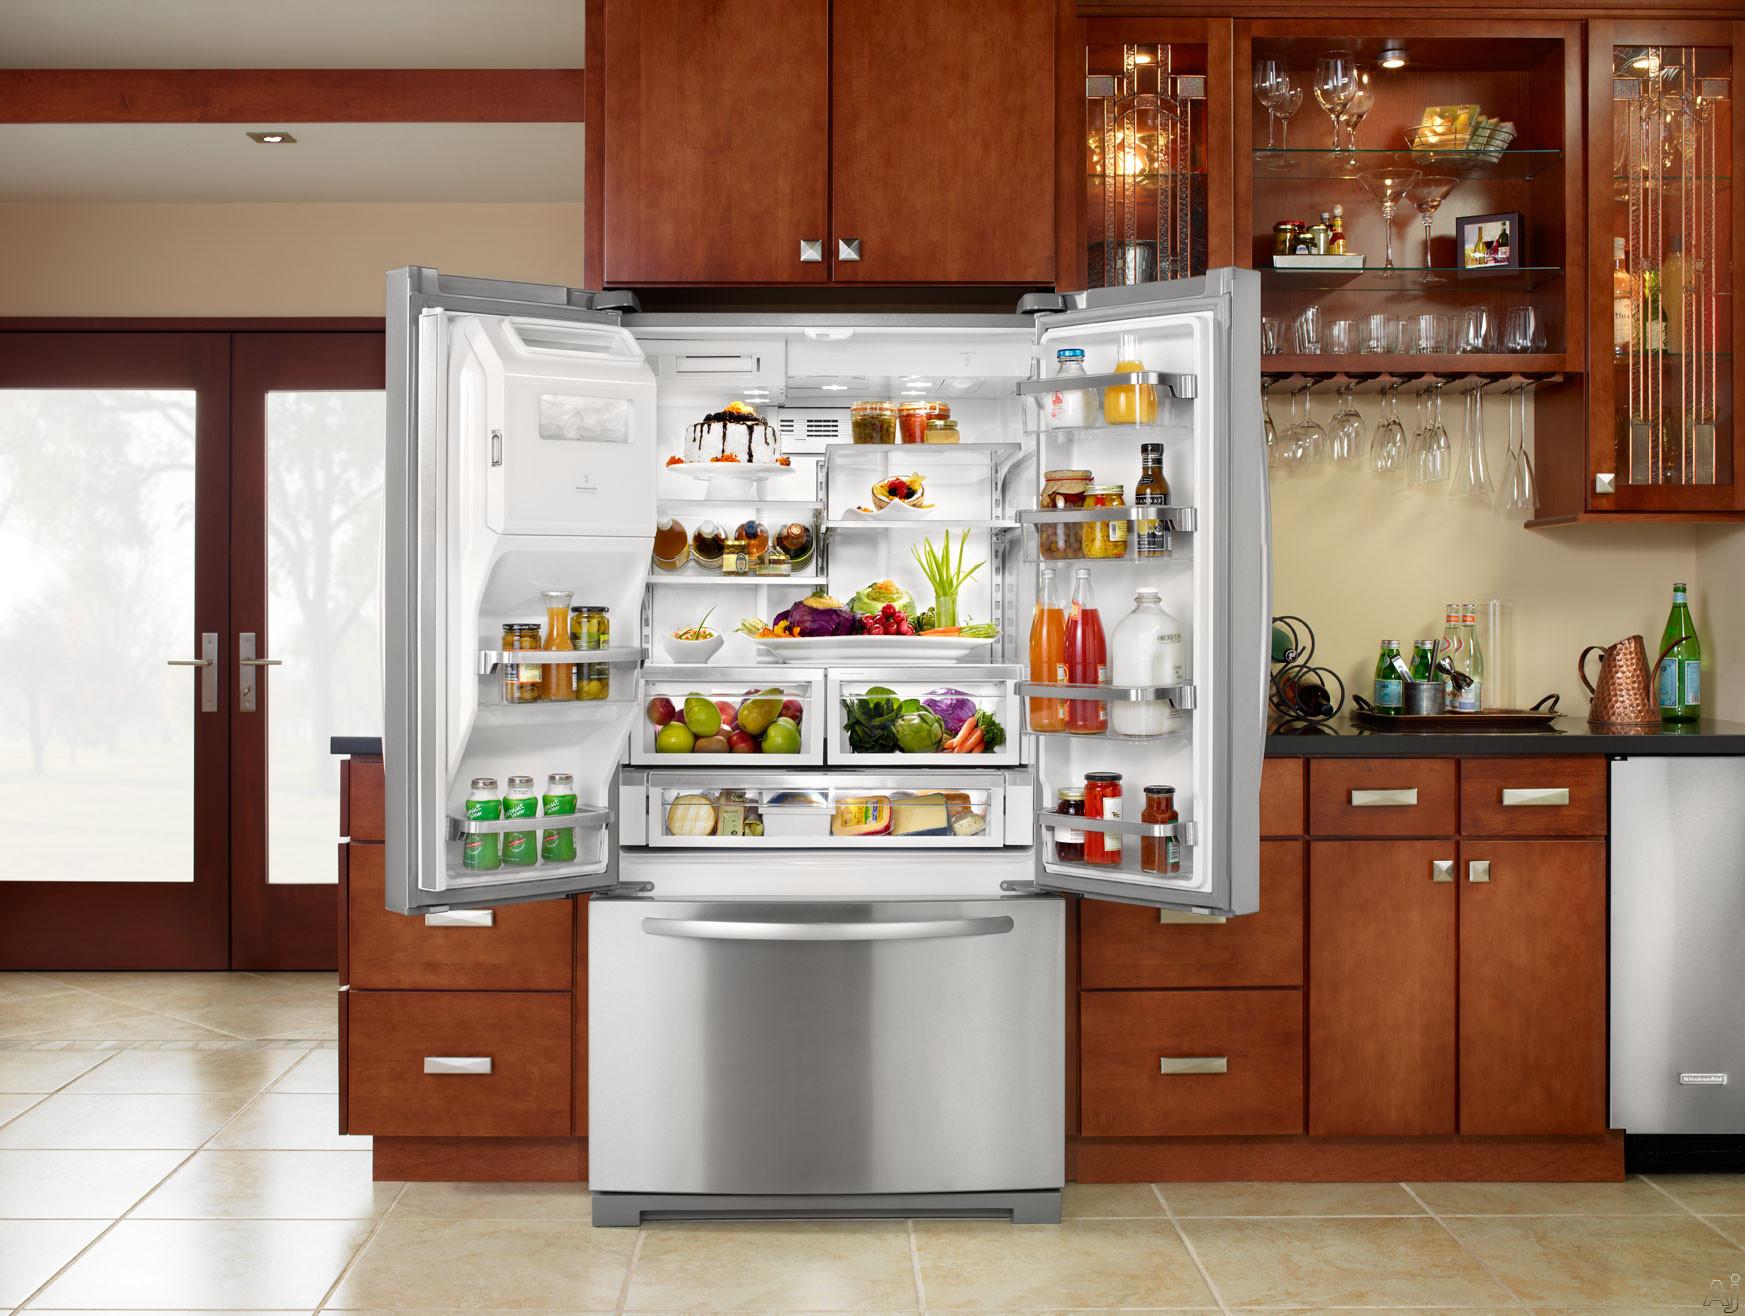 Συμβουλές για την καλή λειτουργία του ψυγείου σας